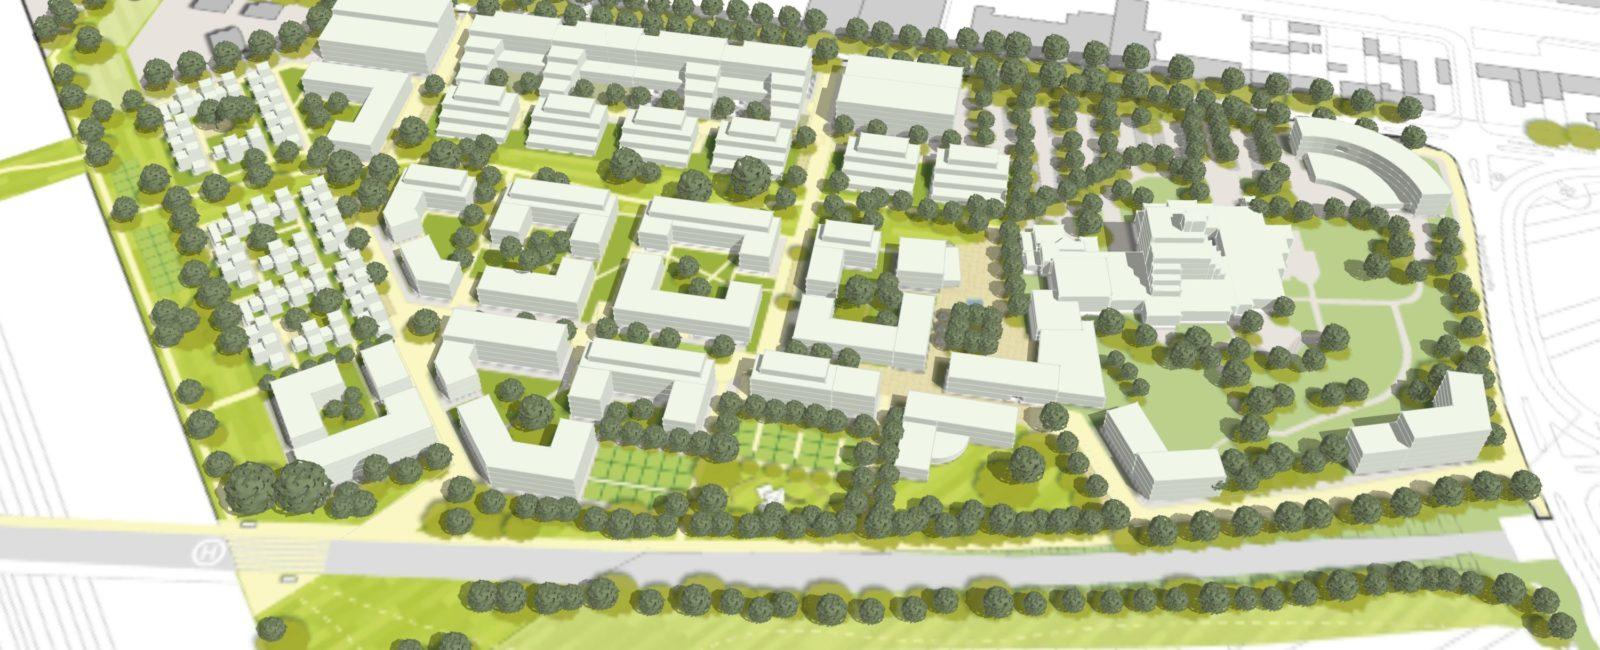 Stadtrat gibt grünes Licht für Heinrich-Pesch-Siedlung